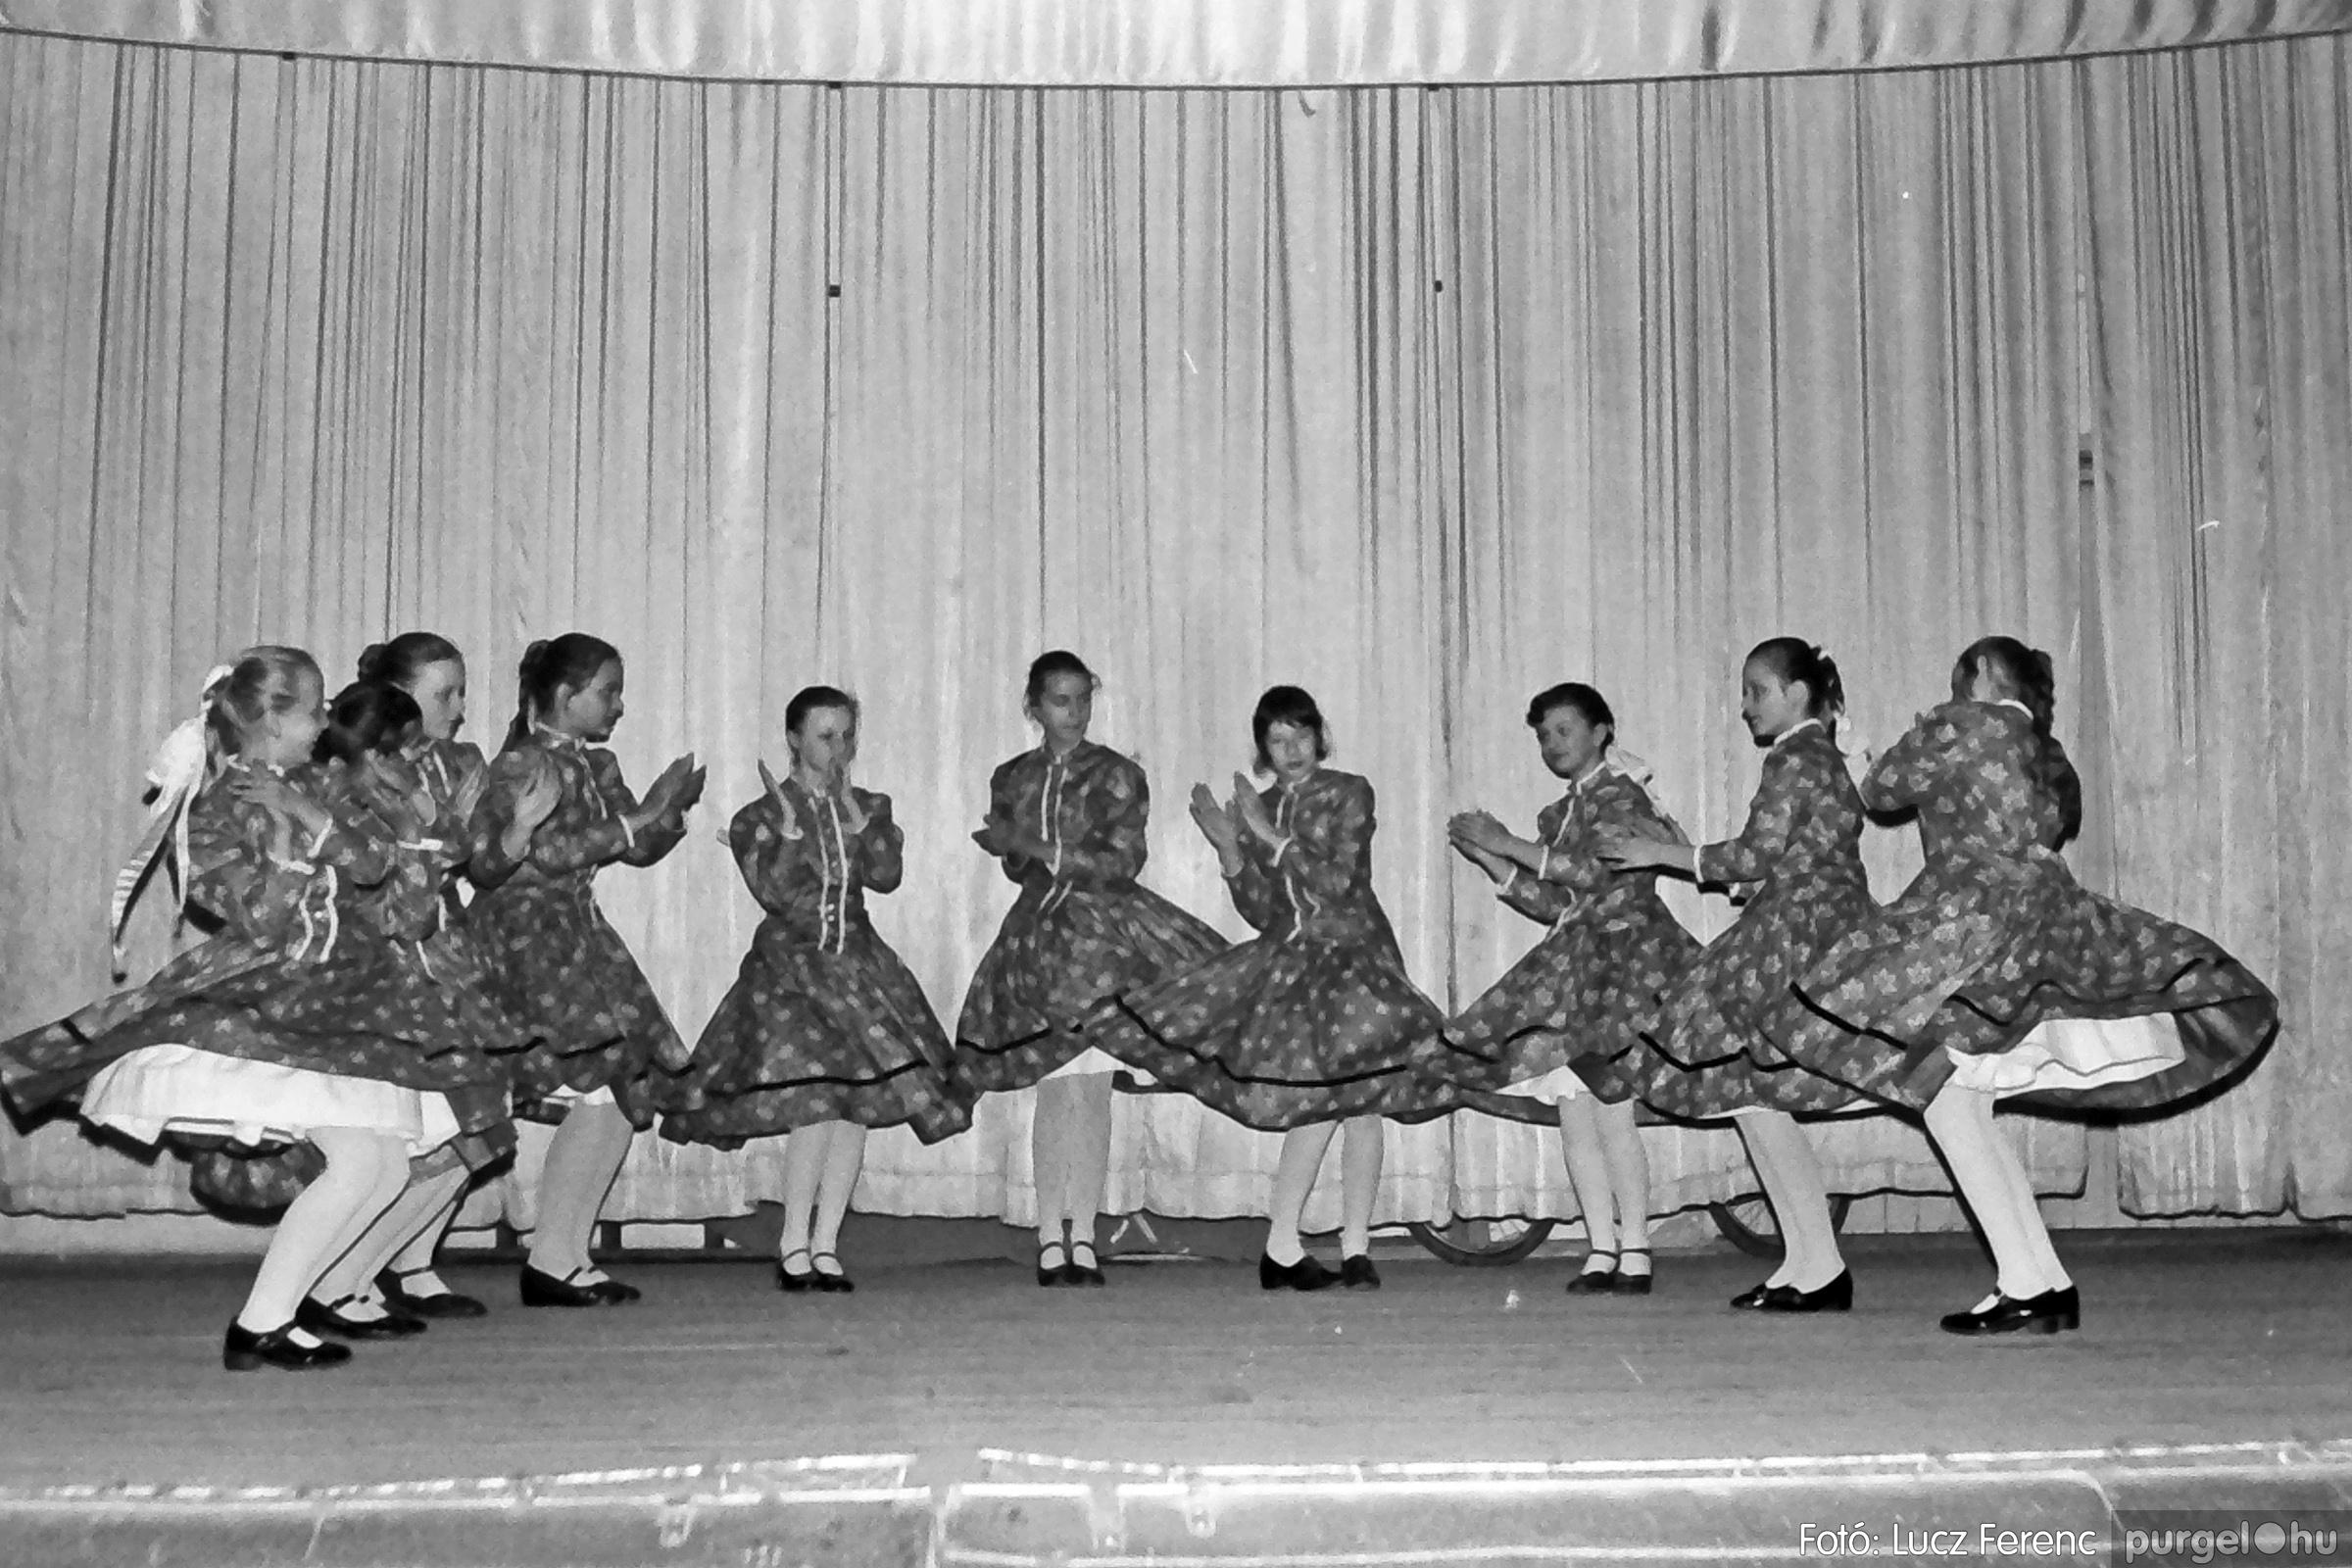 076. 1977. Iskolások fellépése a kultúrházban 006. - Fotó: Lucz Ferenc.jpg